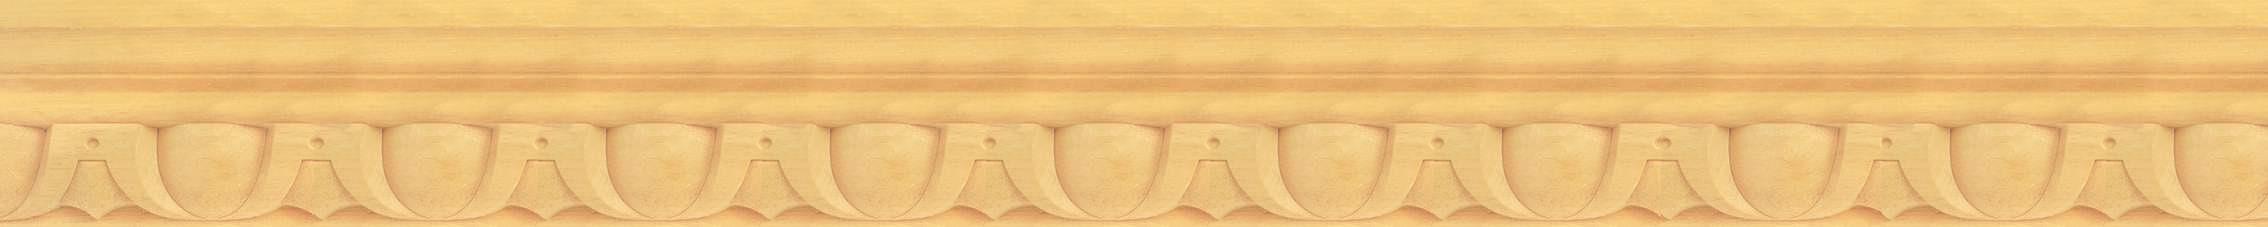 木线贴图素材的图片【649】